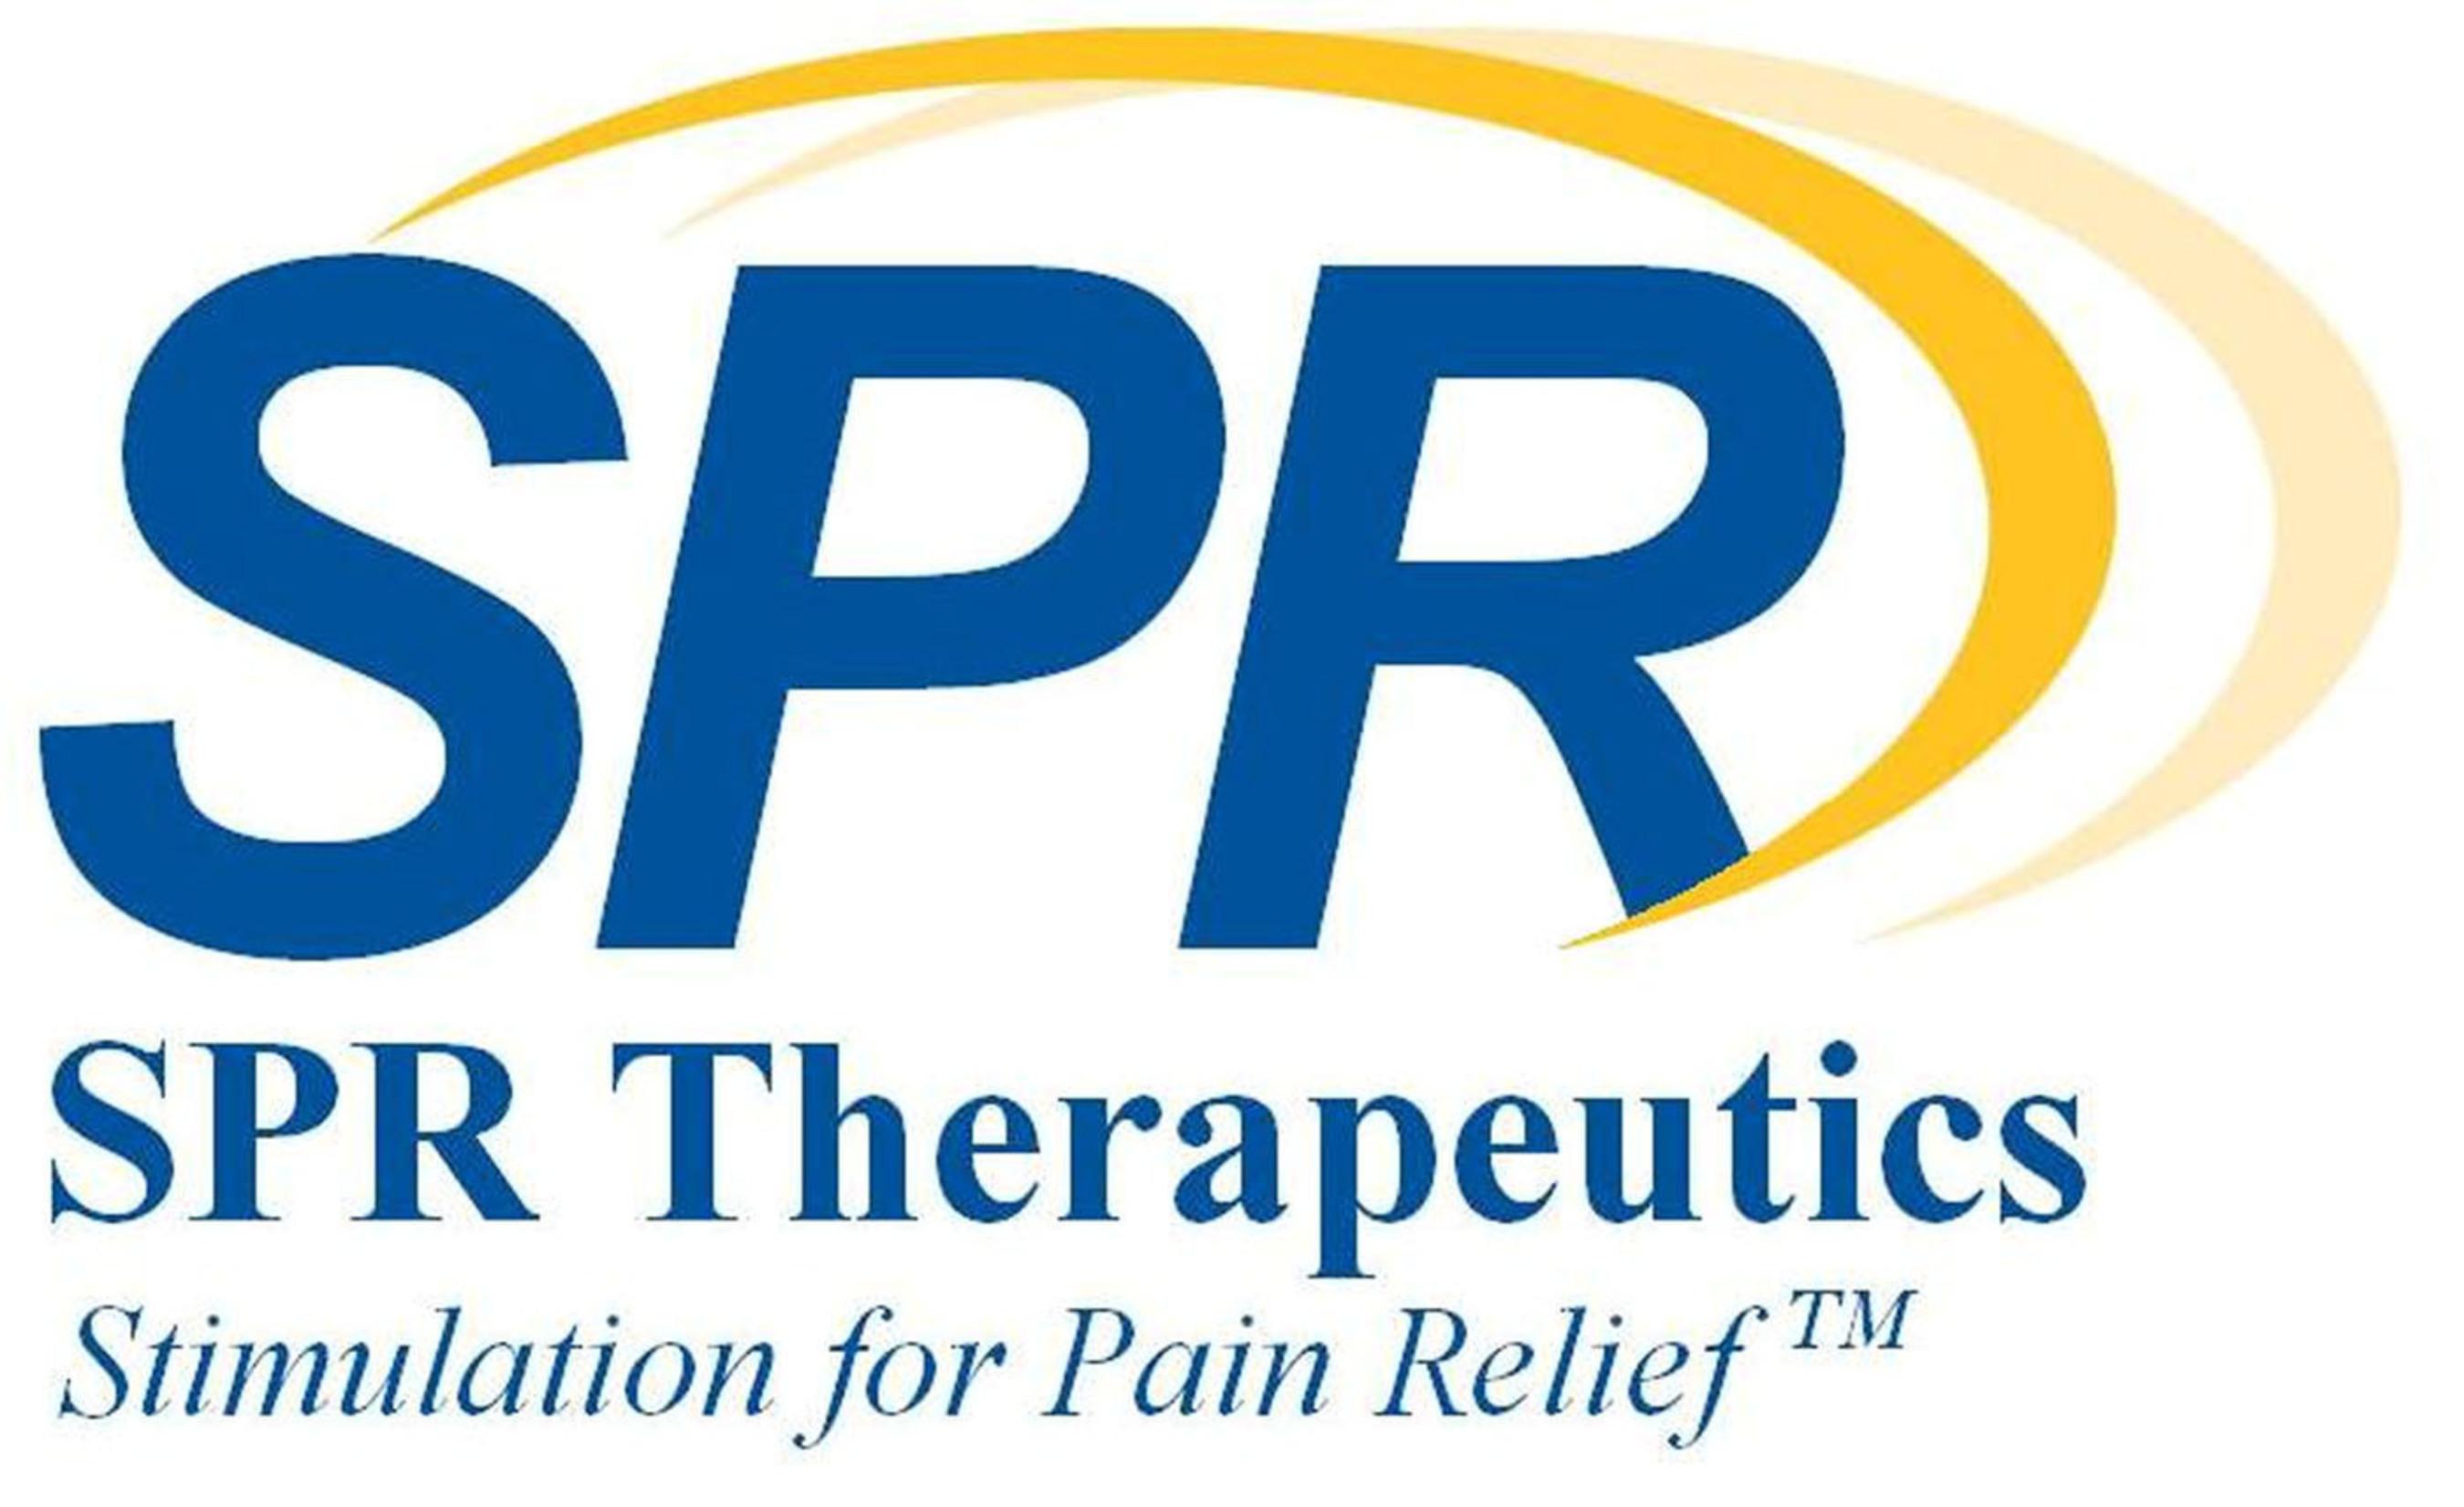 SPR(TM) Therapeutics.